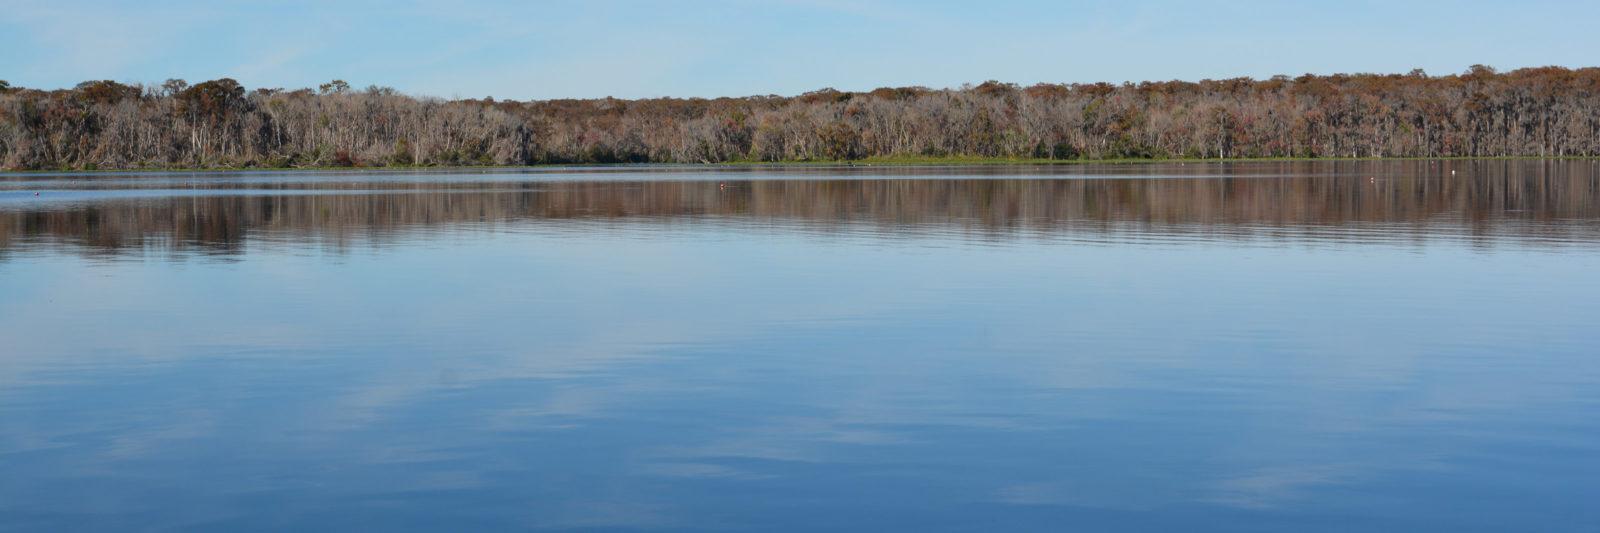 St Johns River at Welaka